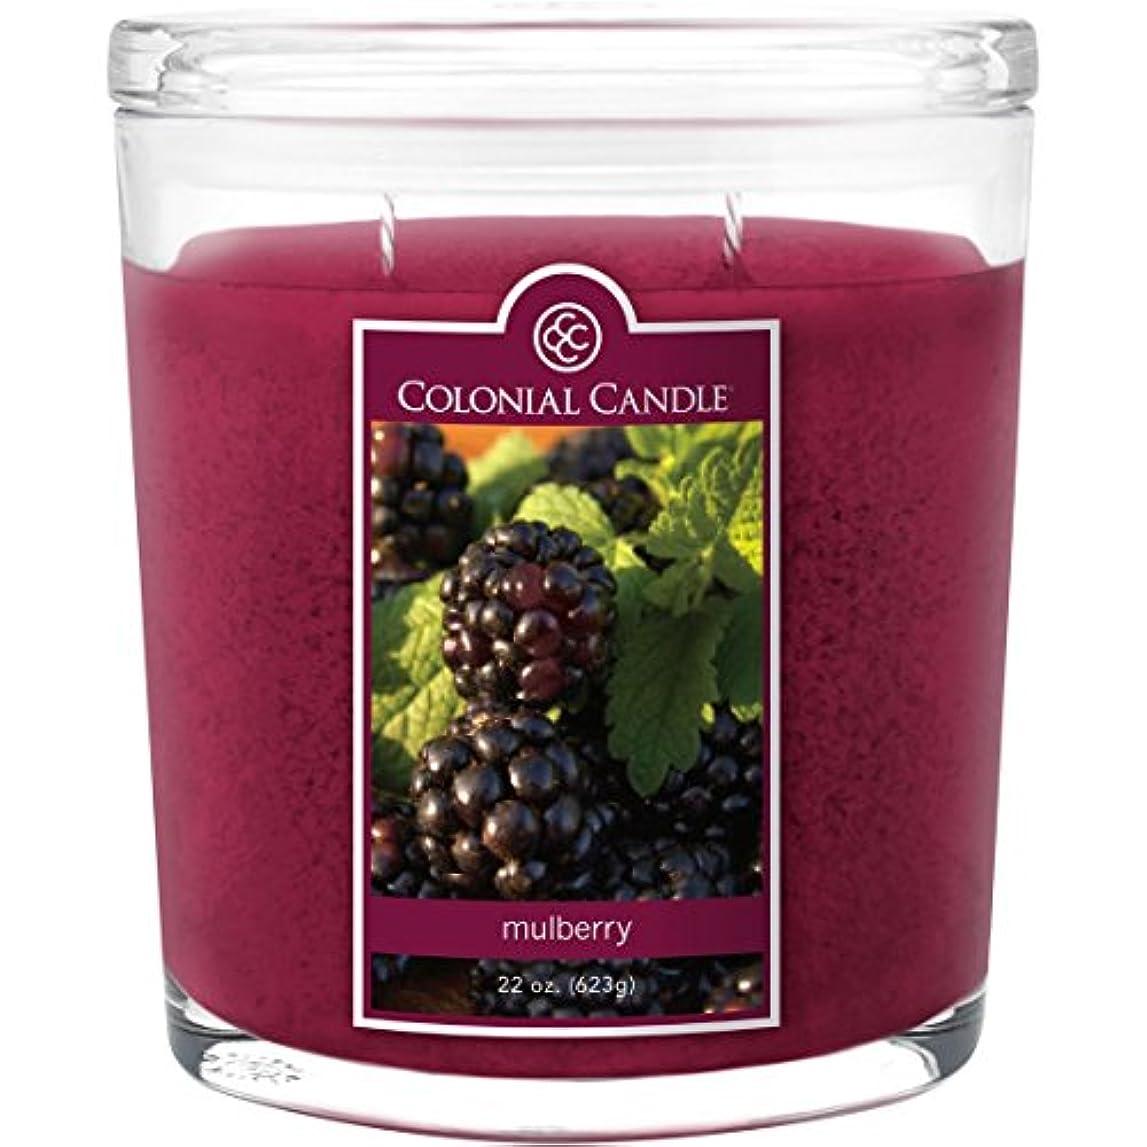 後世教プレートColonial Candle Mulberry 22 oz Scented Oval Jar Candle by Colonial Candle